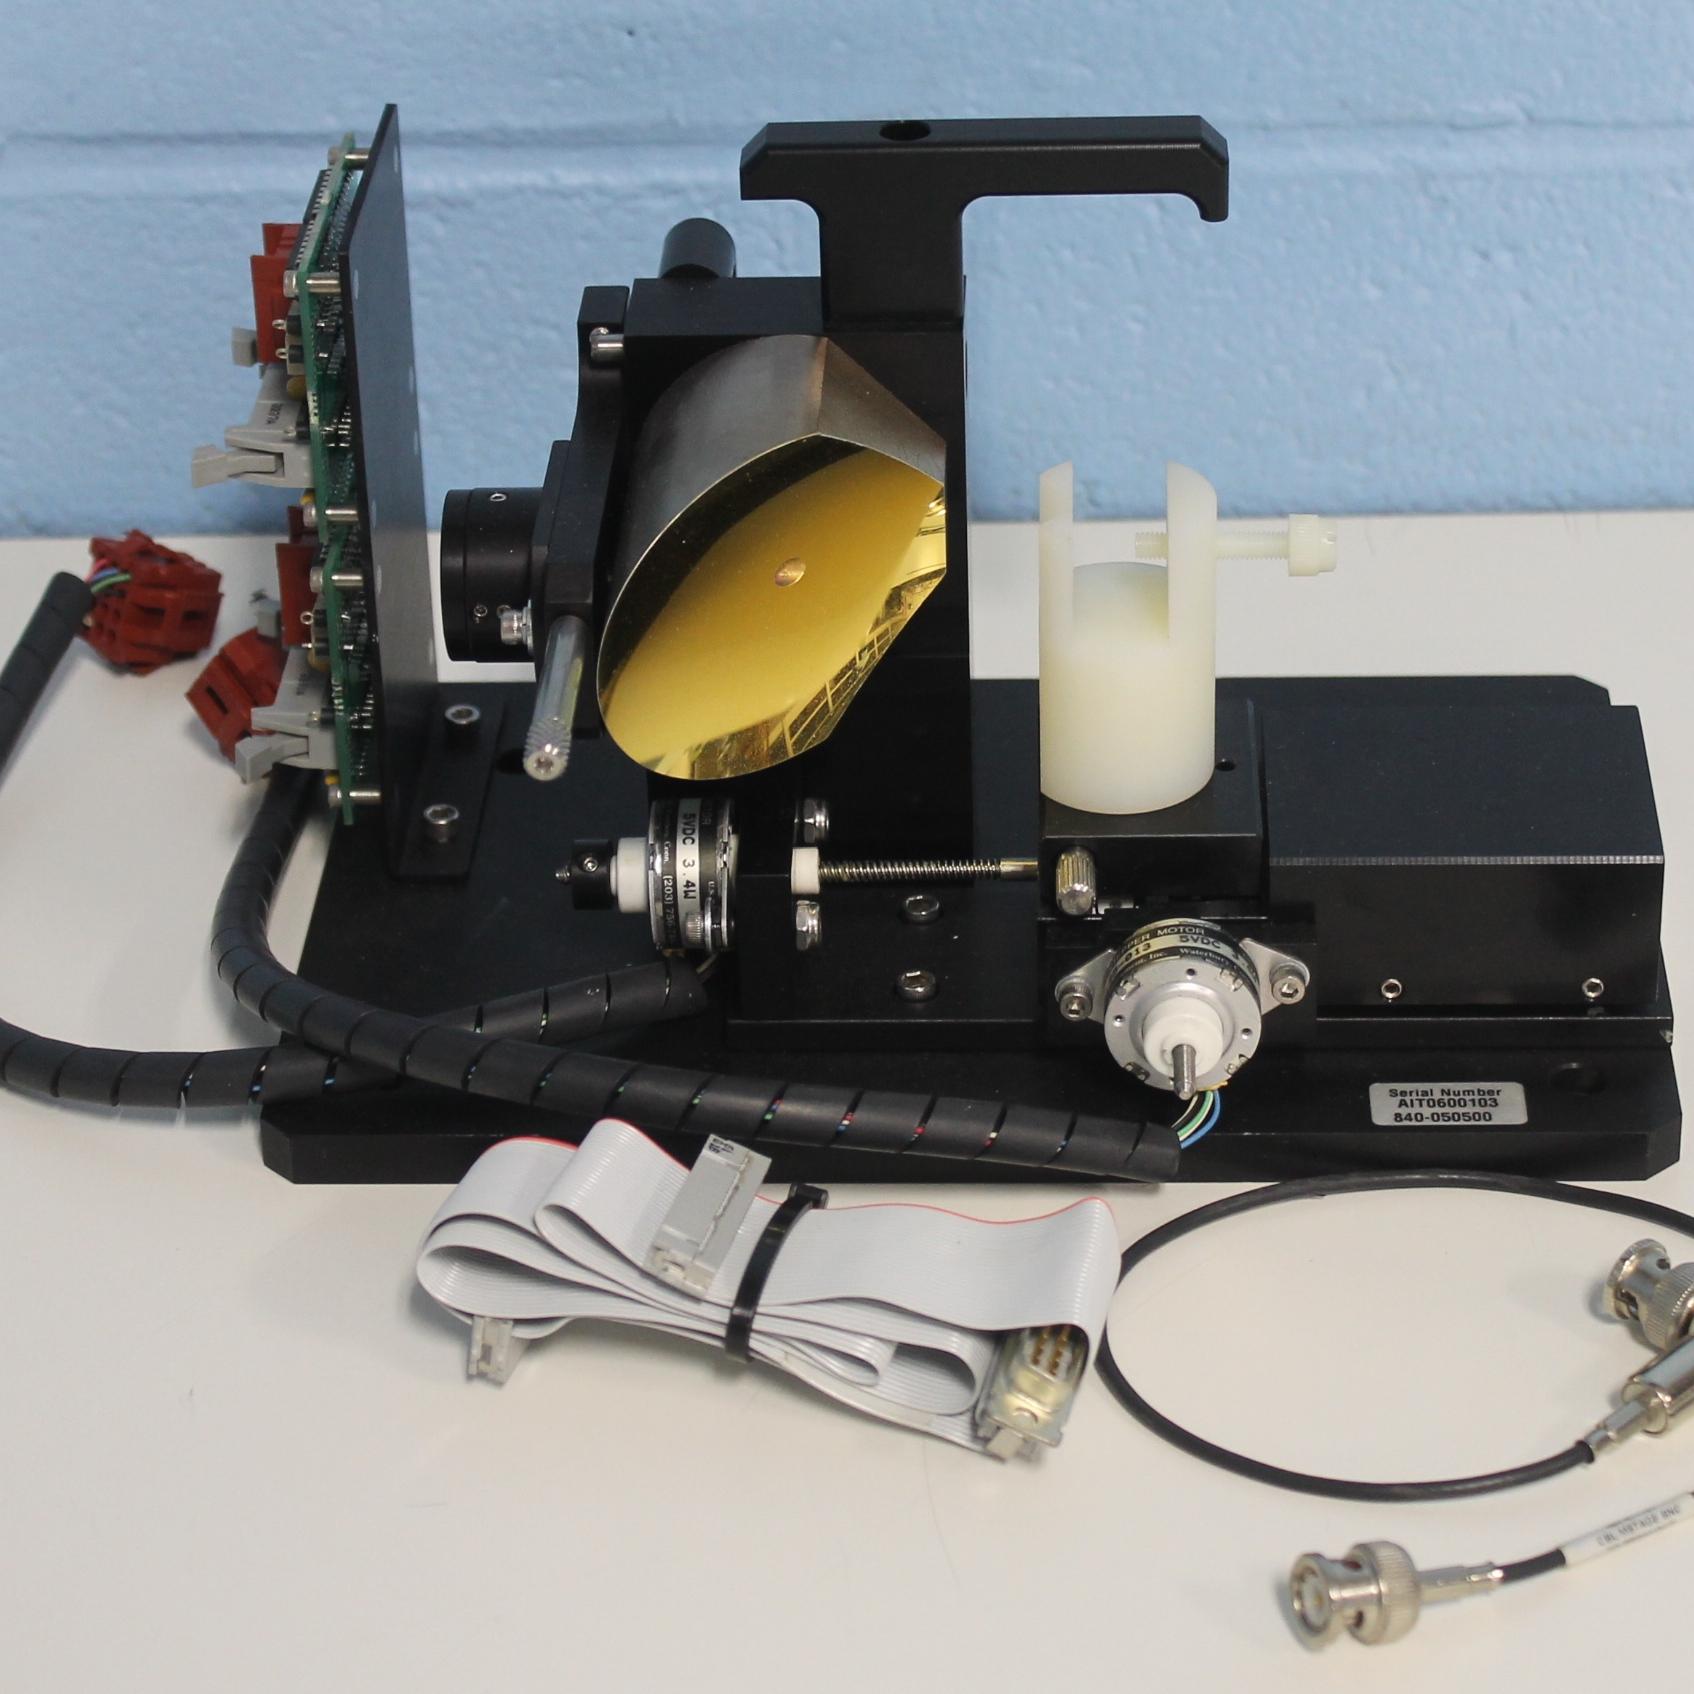 180  Reective Sampling Accessory (FT-Raman) P/N 840-050500 Name